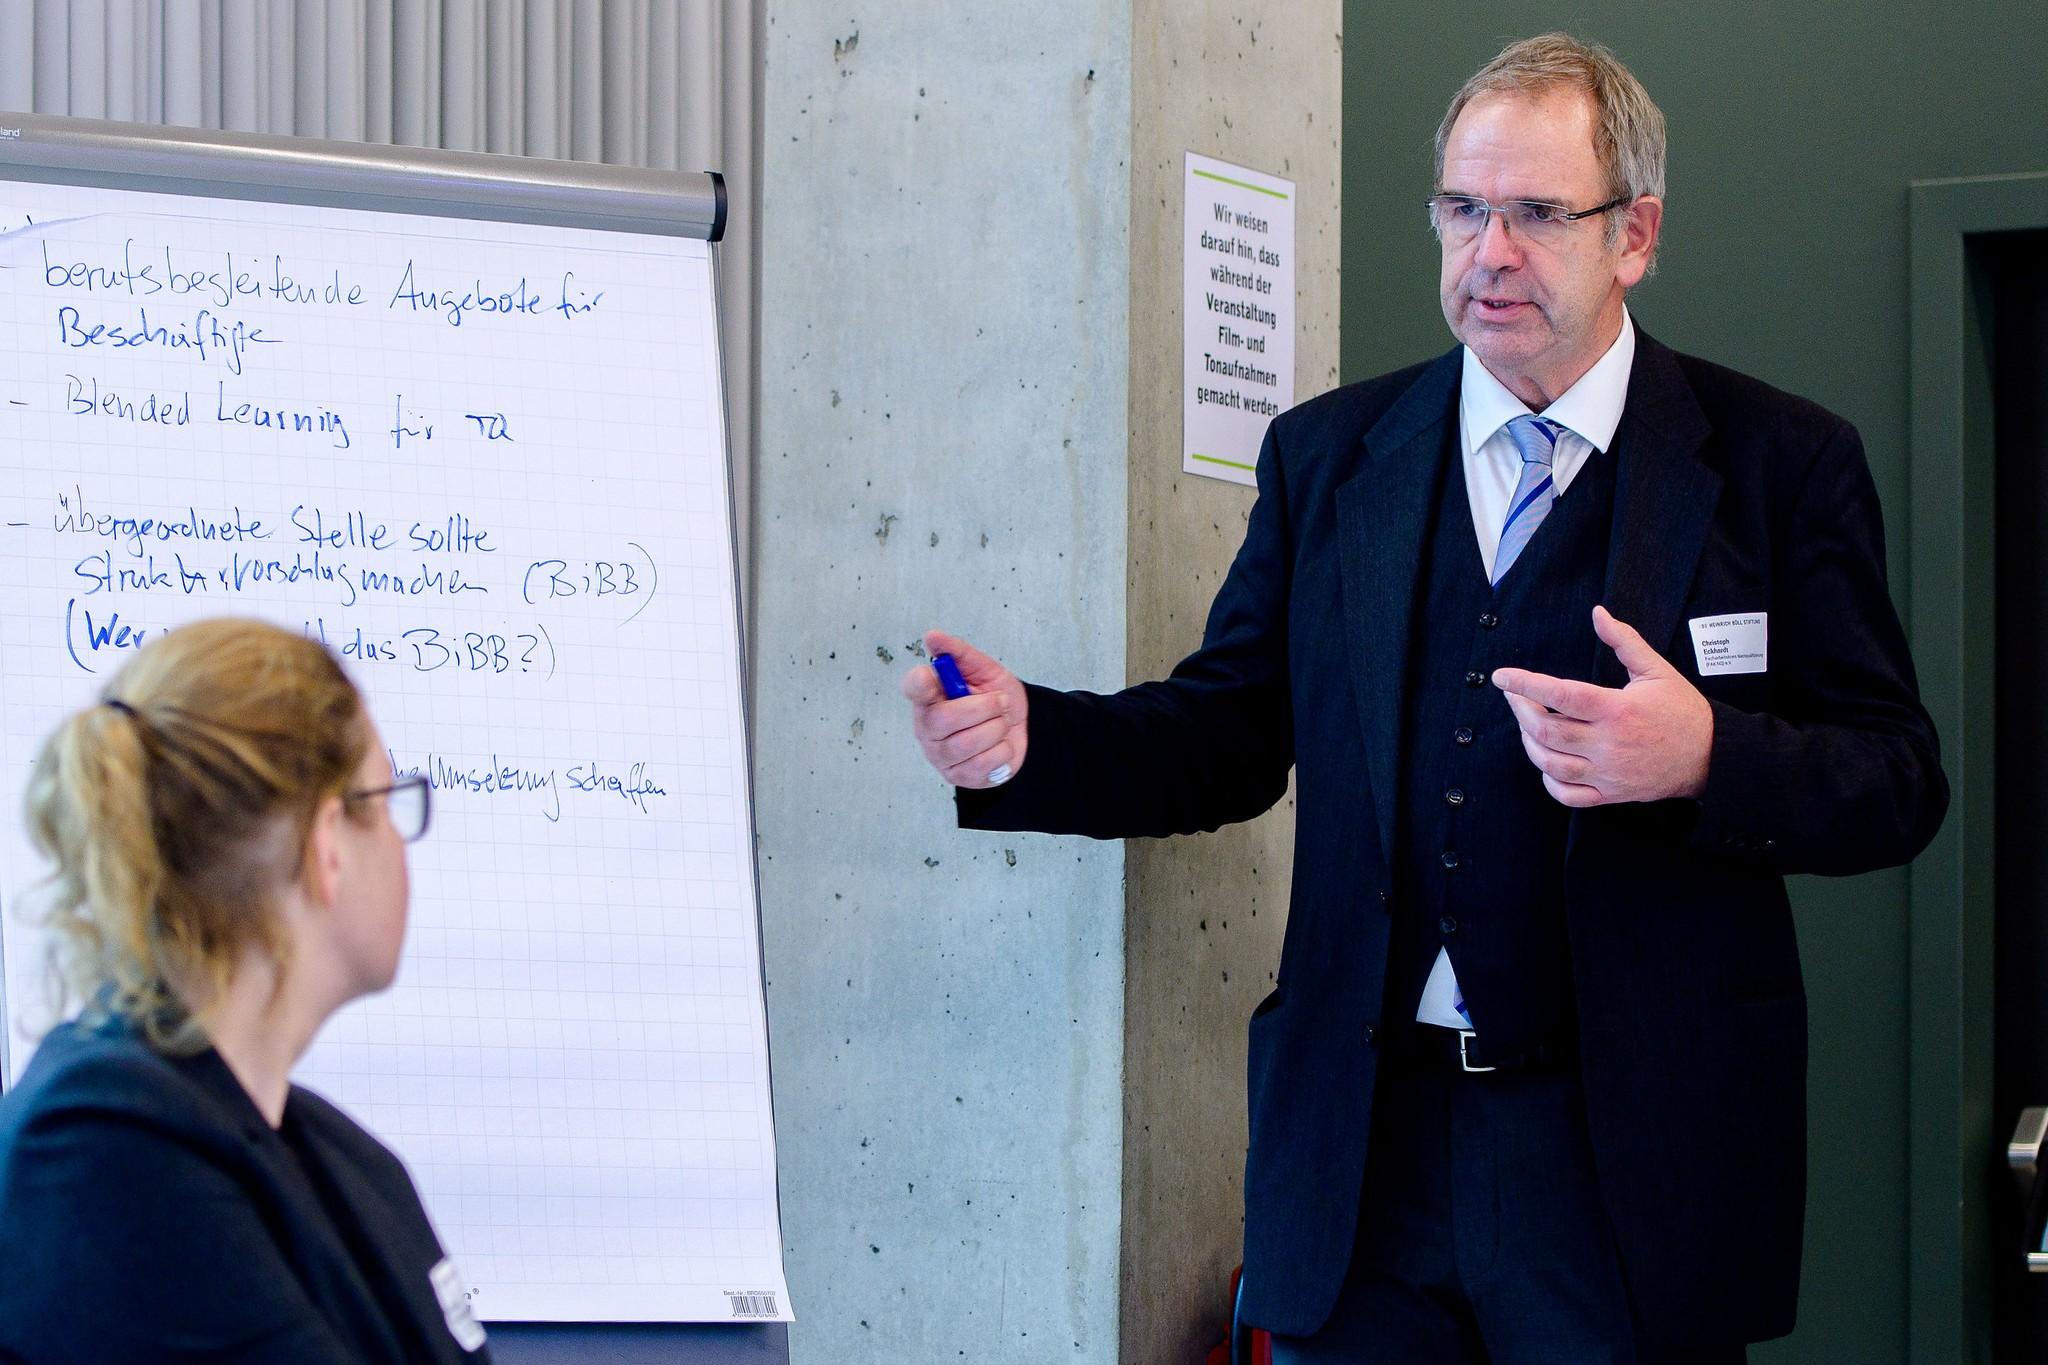 Workshop 4: Teilqualifikationen standardisieren und ausbauen